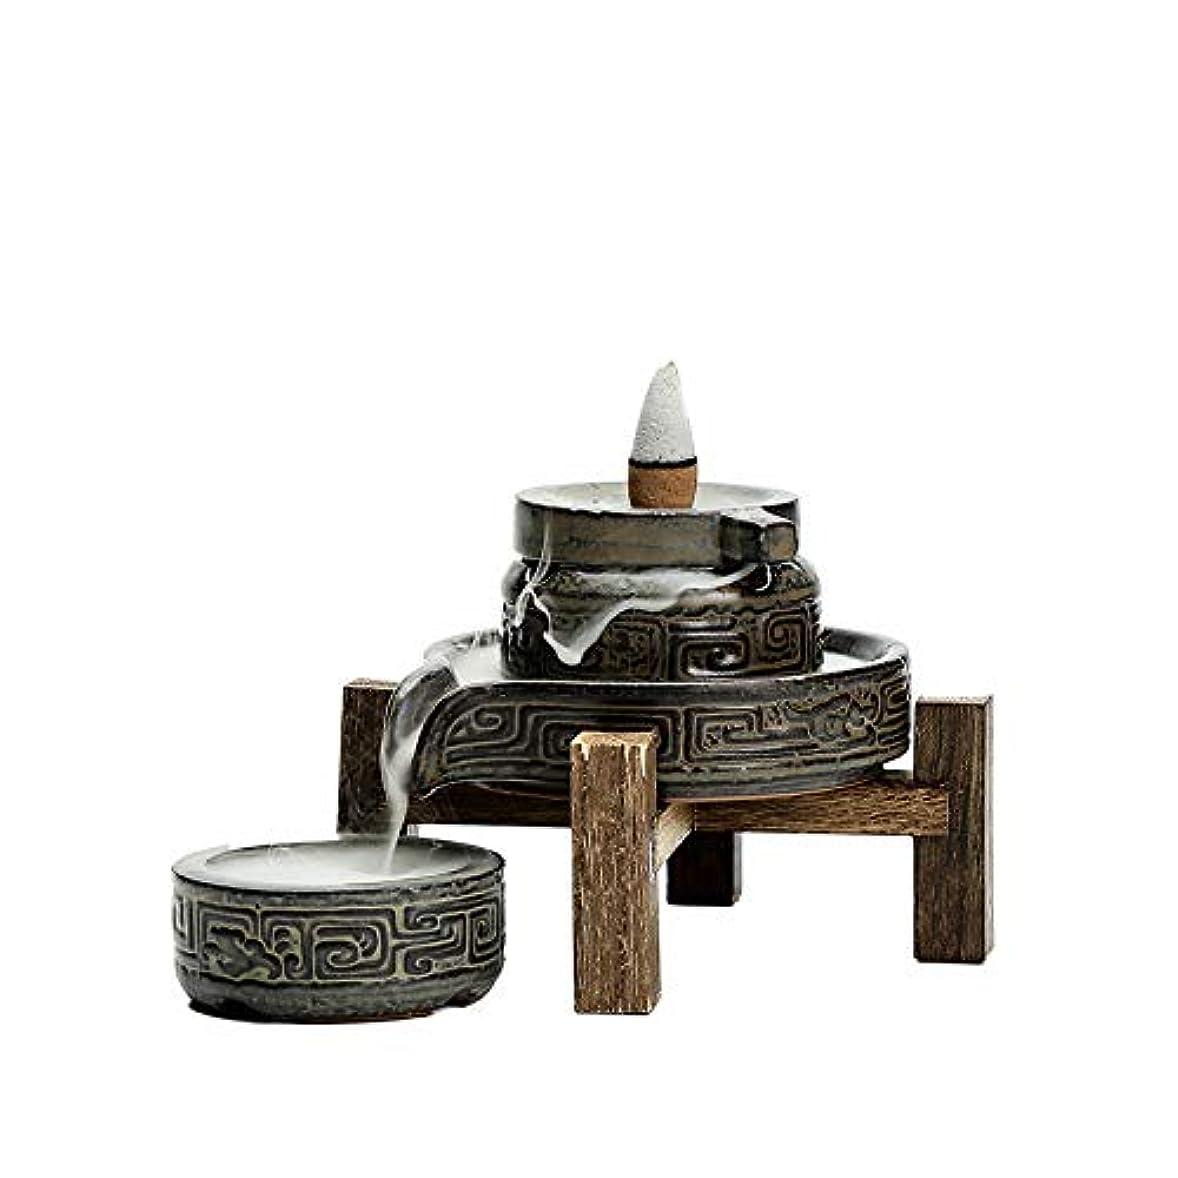 自伝パーフェルビッド勇敢なPHILOGOD 香炉 陶器ストーンミルモデリング逆流香炉 香立て 手作りの装飾 香皿